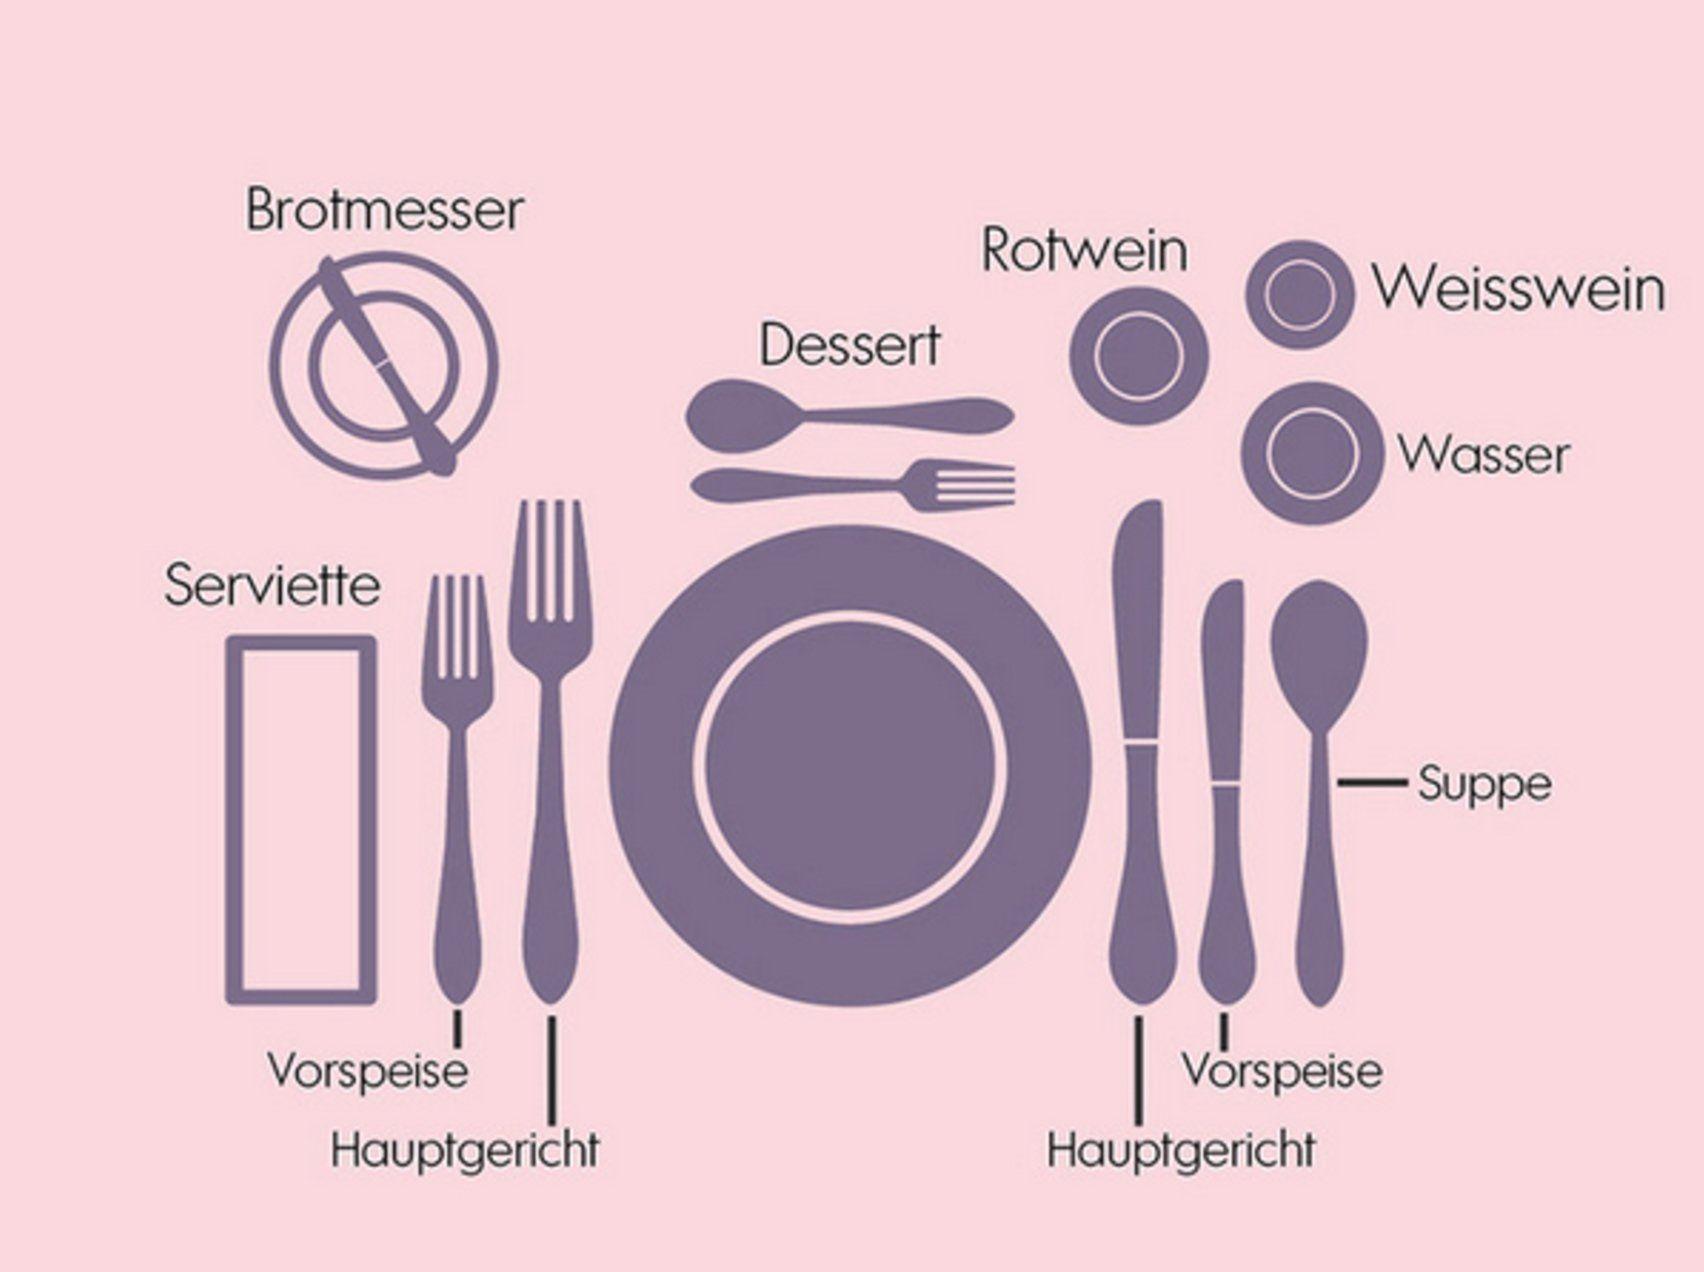 Tisch decken: So funktioniert es richtig | ELLE #silvesterdekotisch